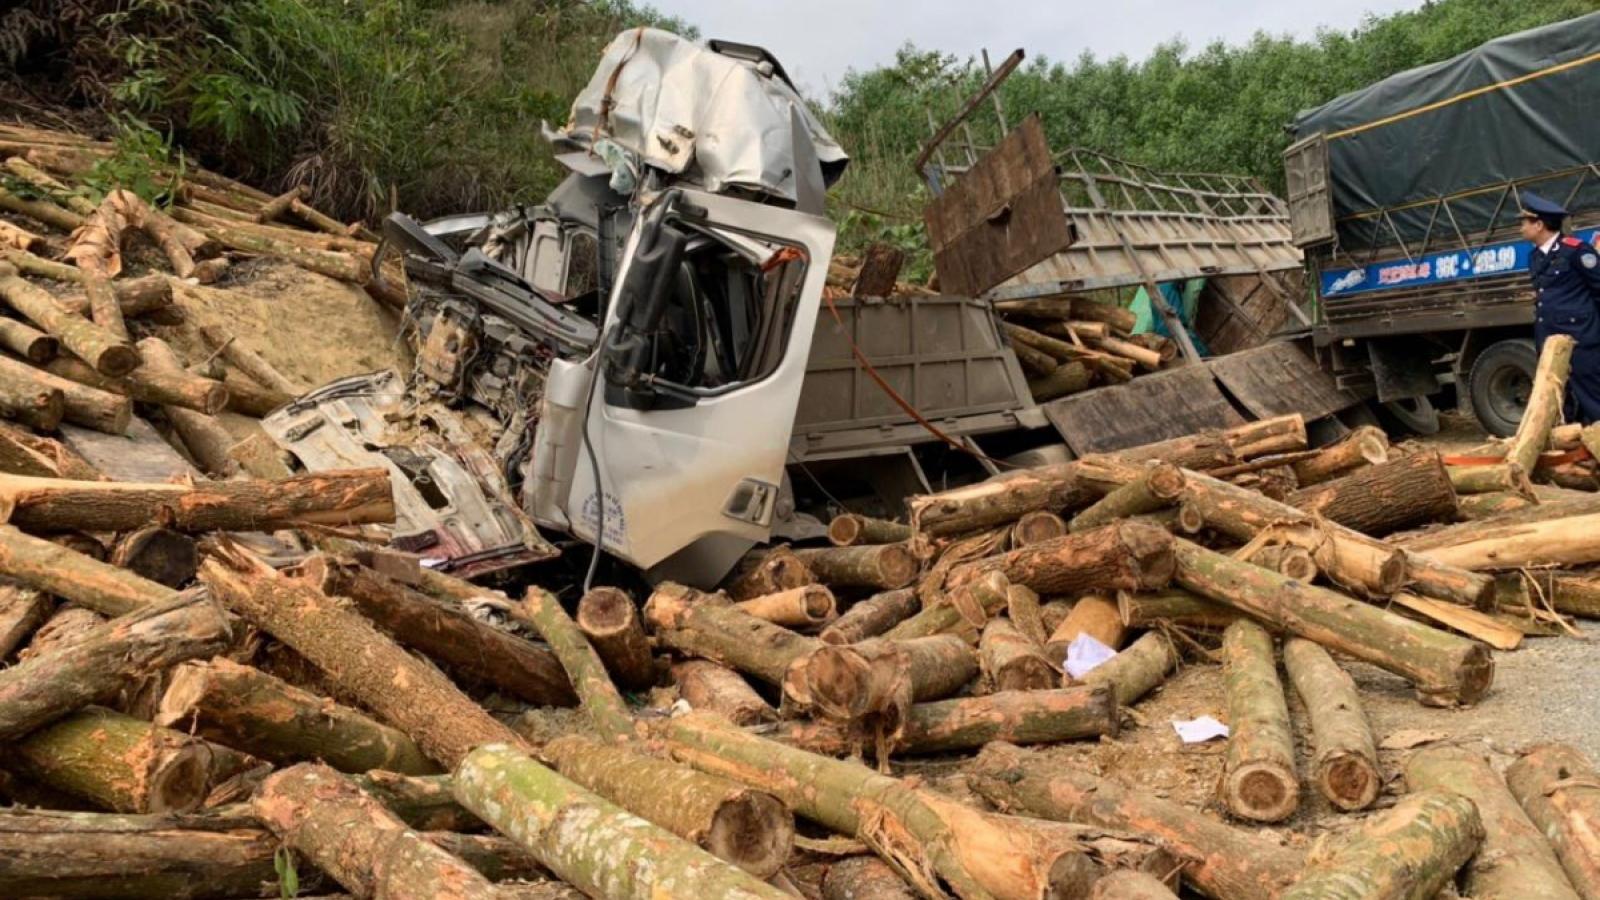 Khởi tố vụ tai nạn giao thông nghiêm trọng làm 7 người tử vong ở Thanh Hóa